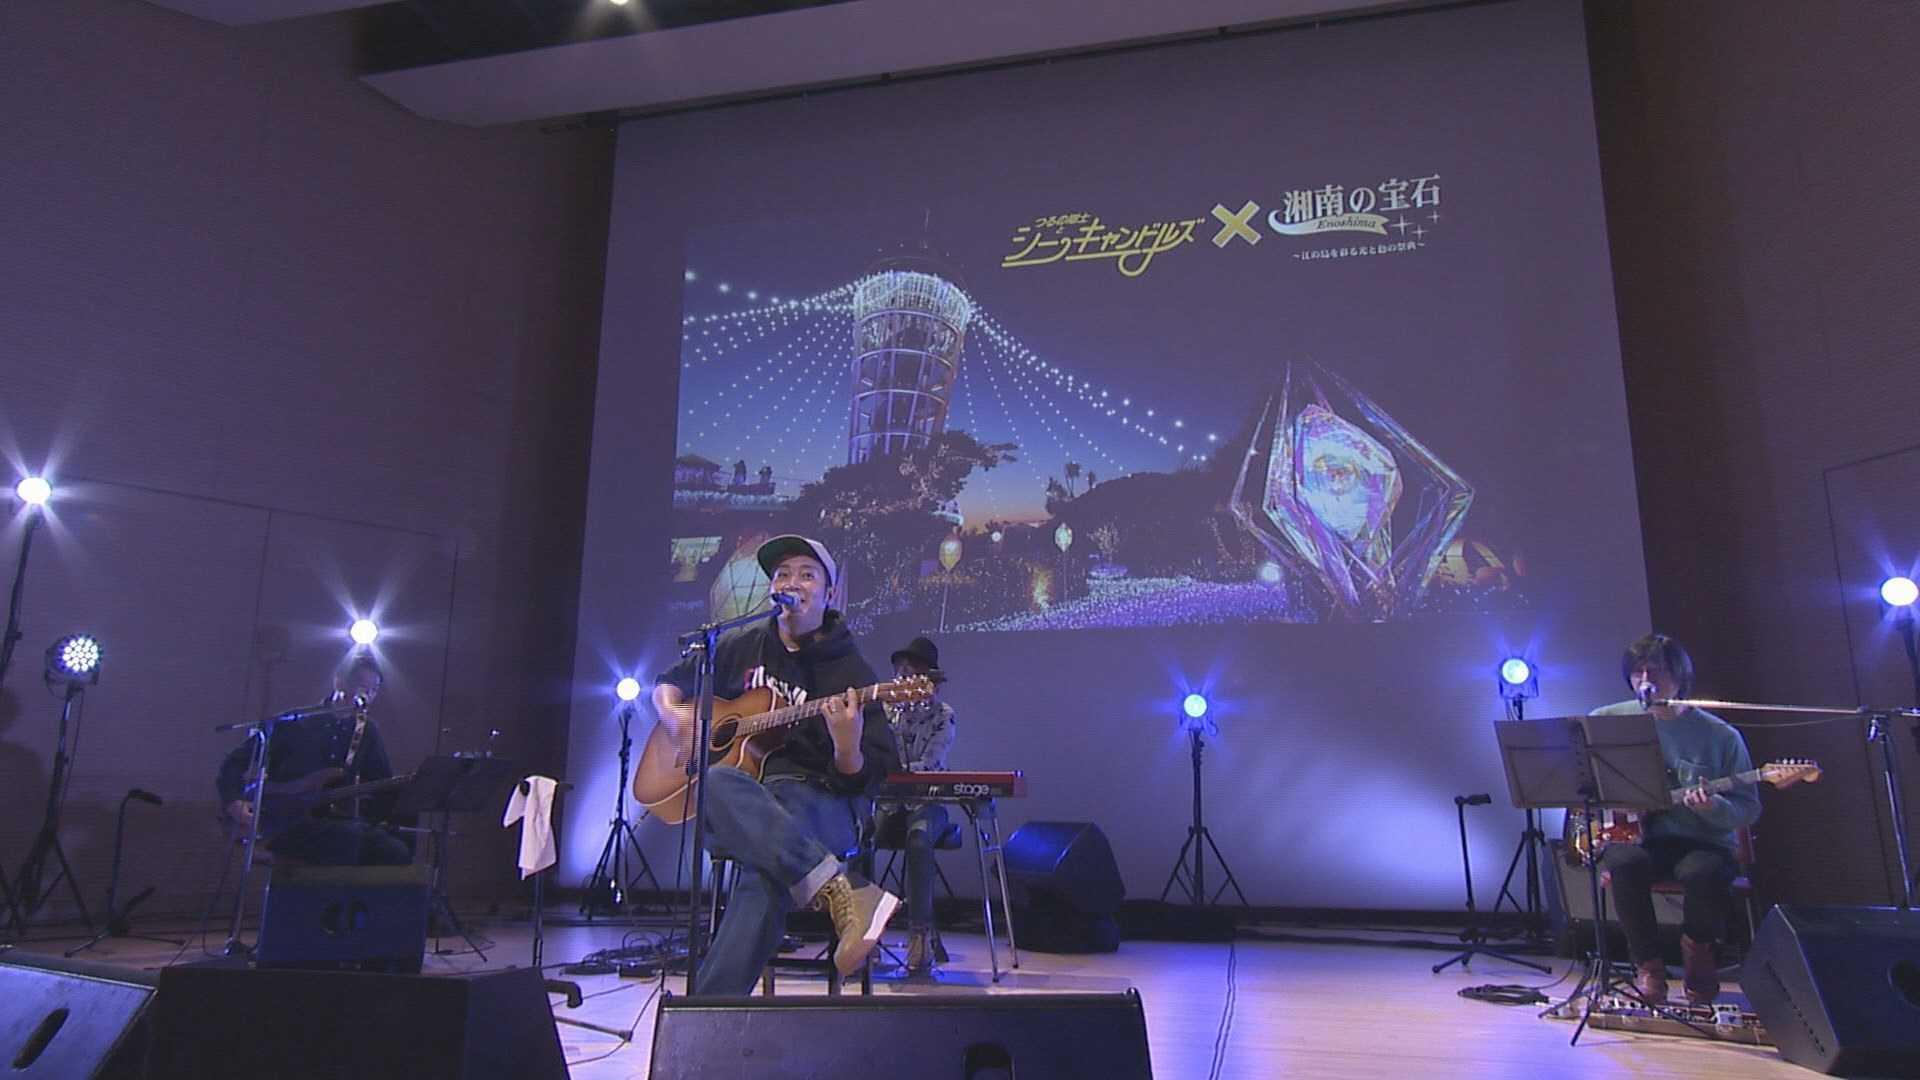 湘南の宝石×つるの剛士とシーキャンドルズ仮想オープニングライブ開催!